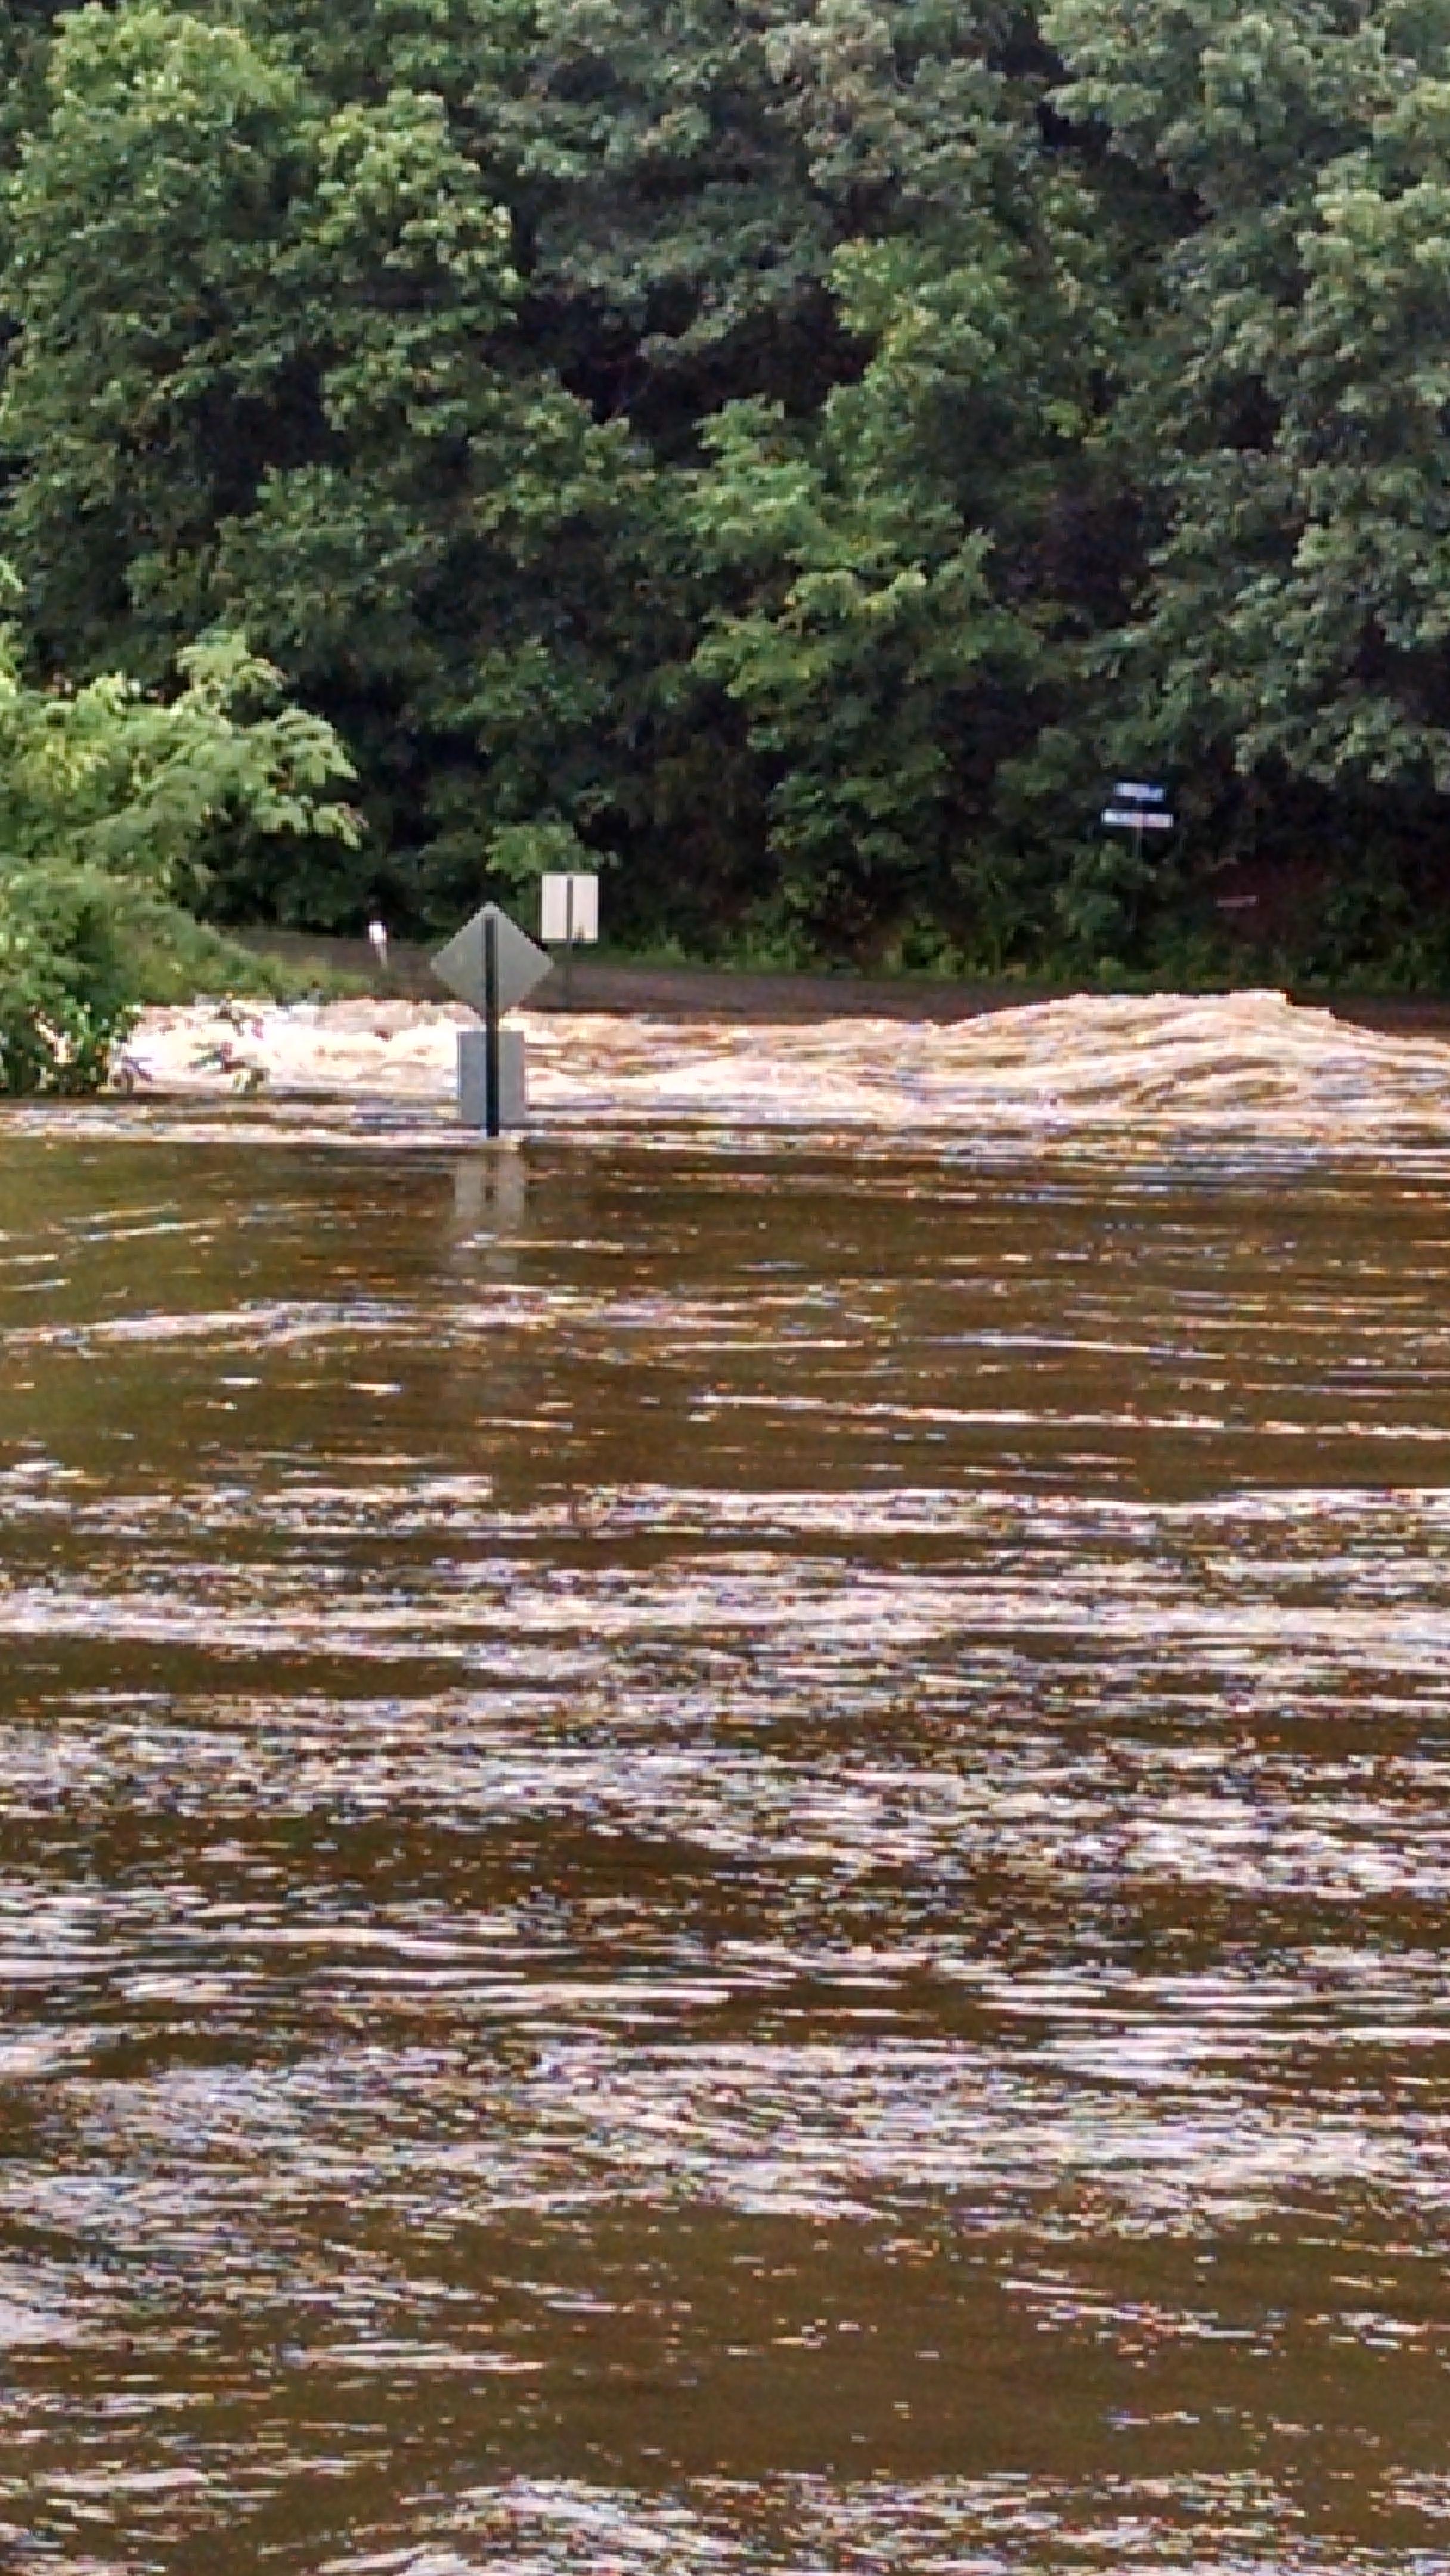 Frog Bayou bridge in Mountainburg frmo 5NEWS viewer Kolby Ingram